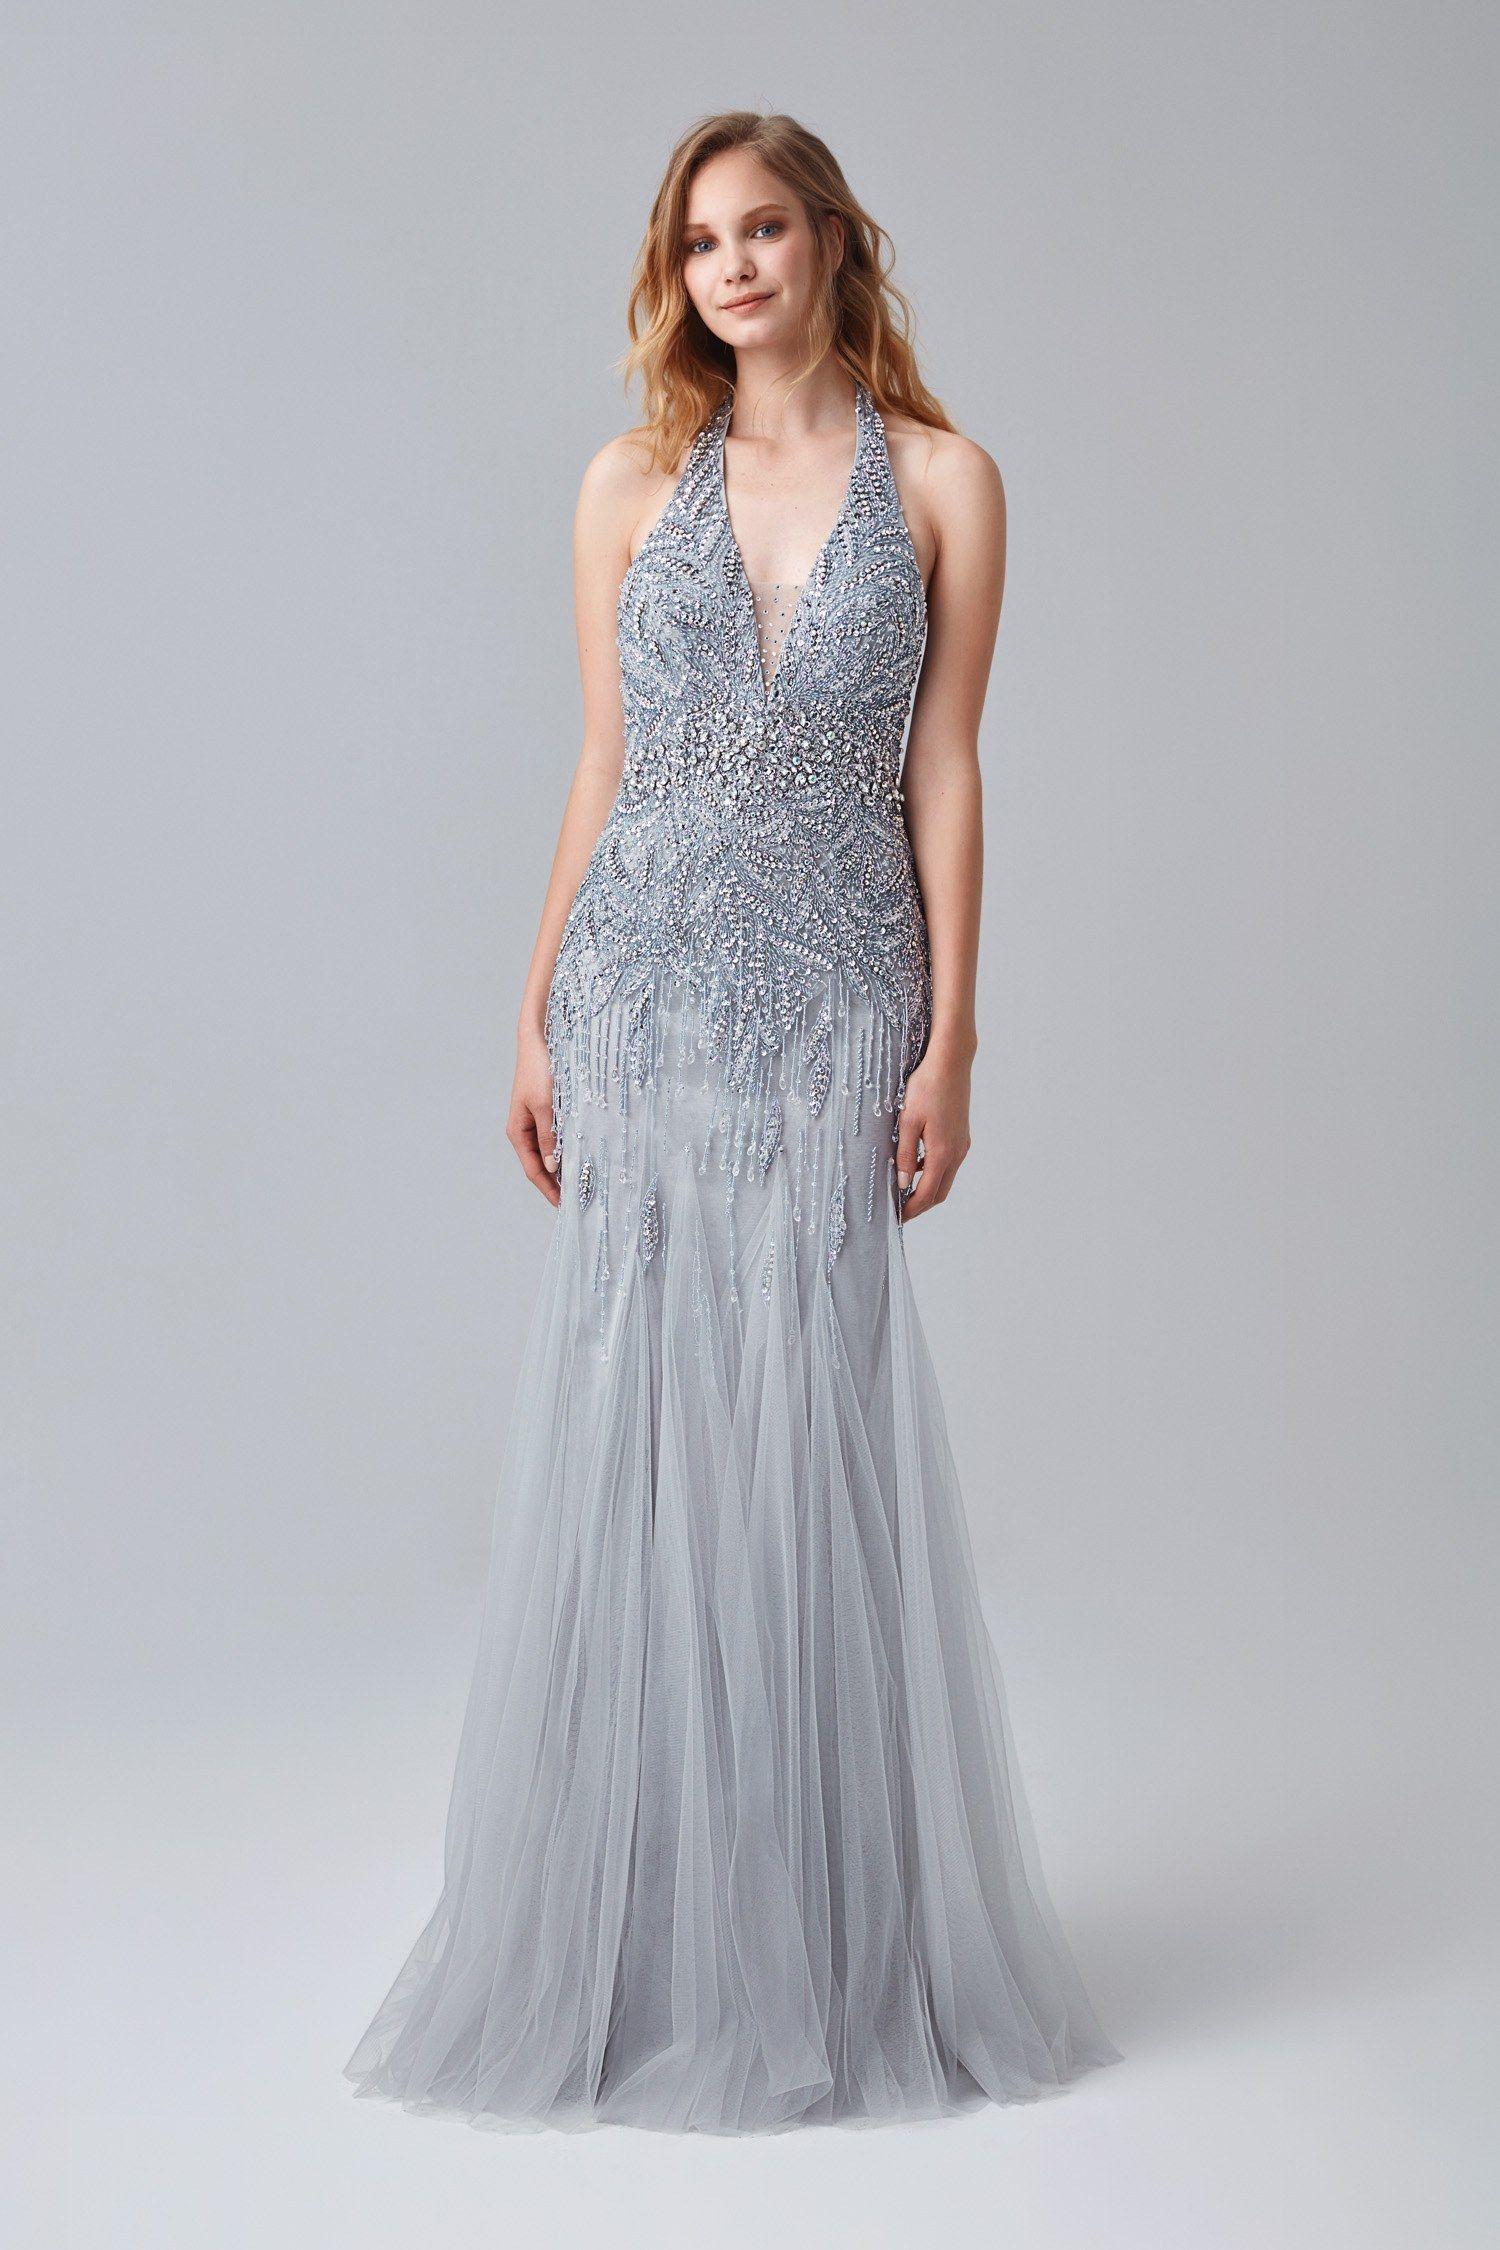 0a387e79462e1 Şıkır Şıkır Taşlı Abiyeler, Parıl Parıl Payetli Abiye Elbiseler şimdi Oleg  Cassini koleksiyonunda! #OlegCassini #eveningdress #dress #sequin